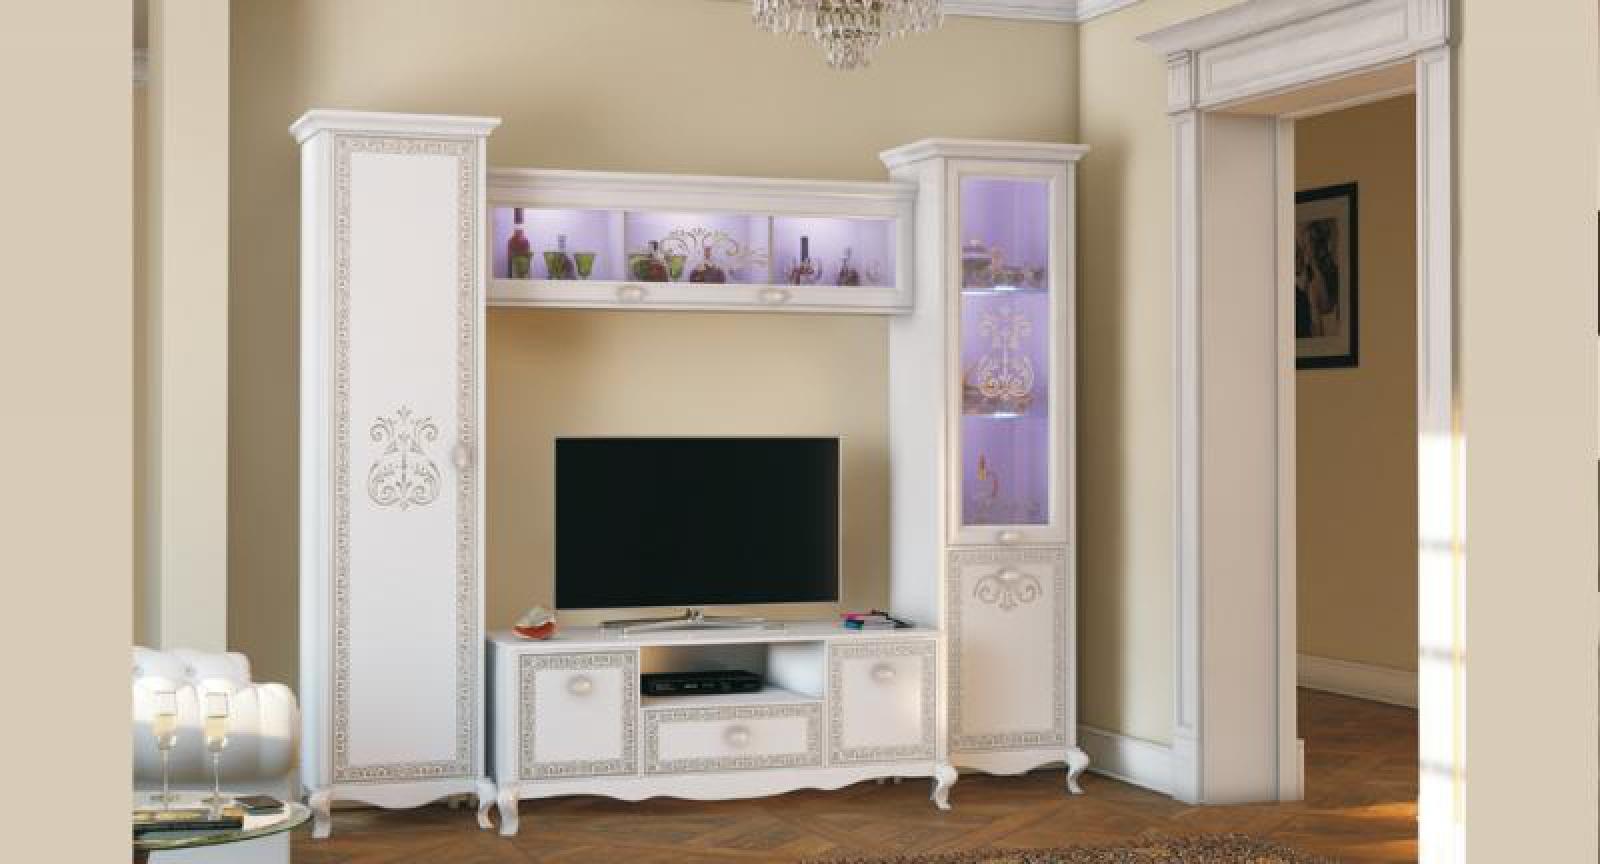 Temiz Möbel wohnwand lionella 4-teilig - kaufen bei möbel-lux